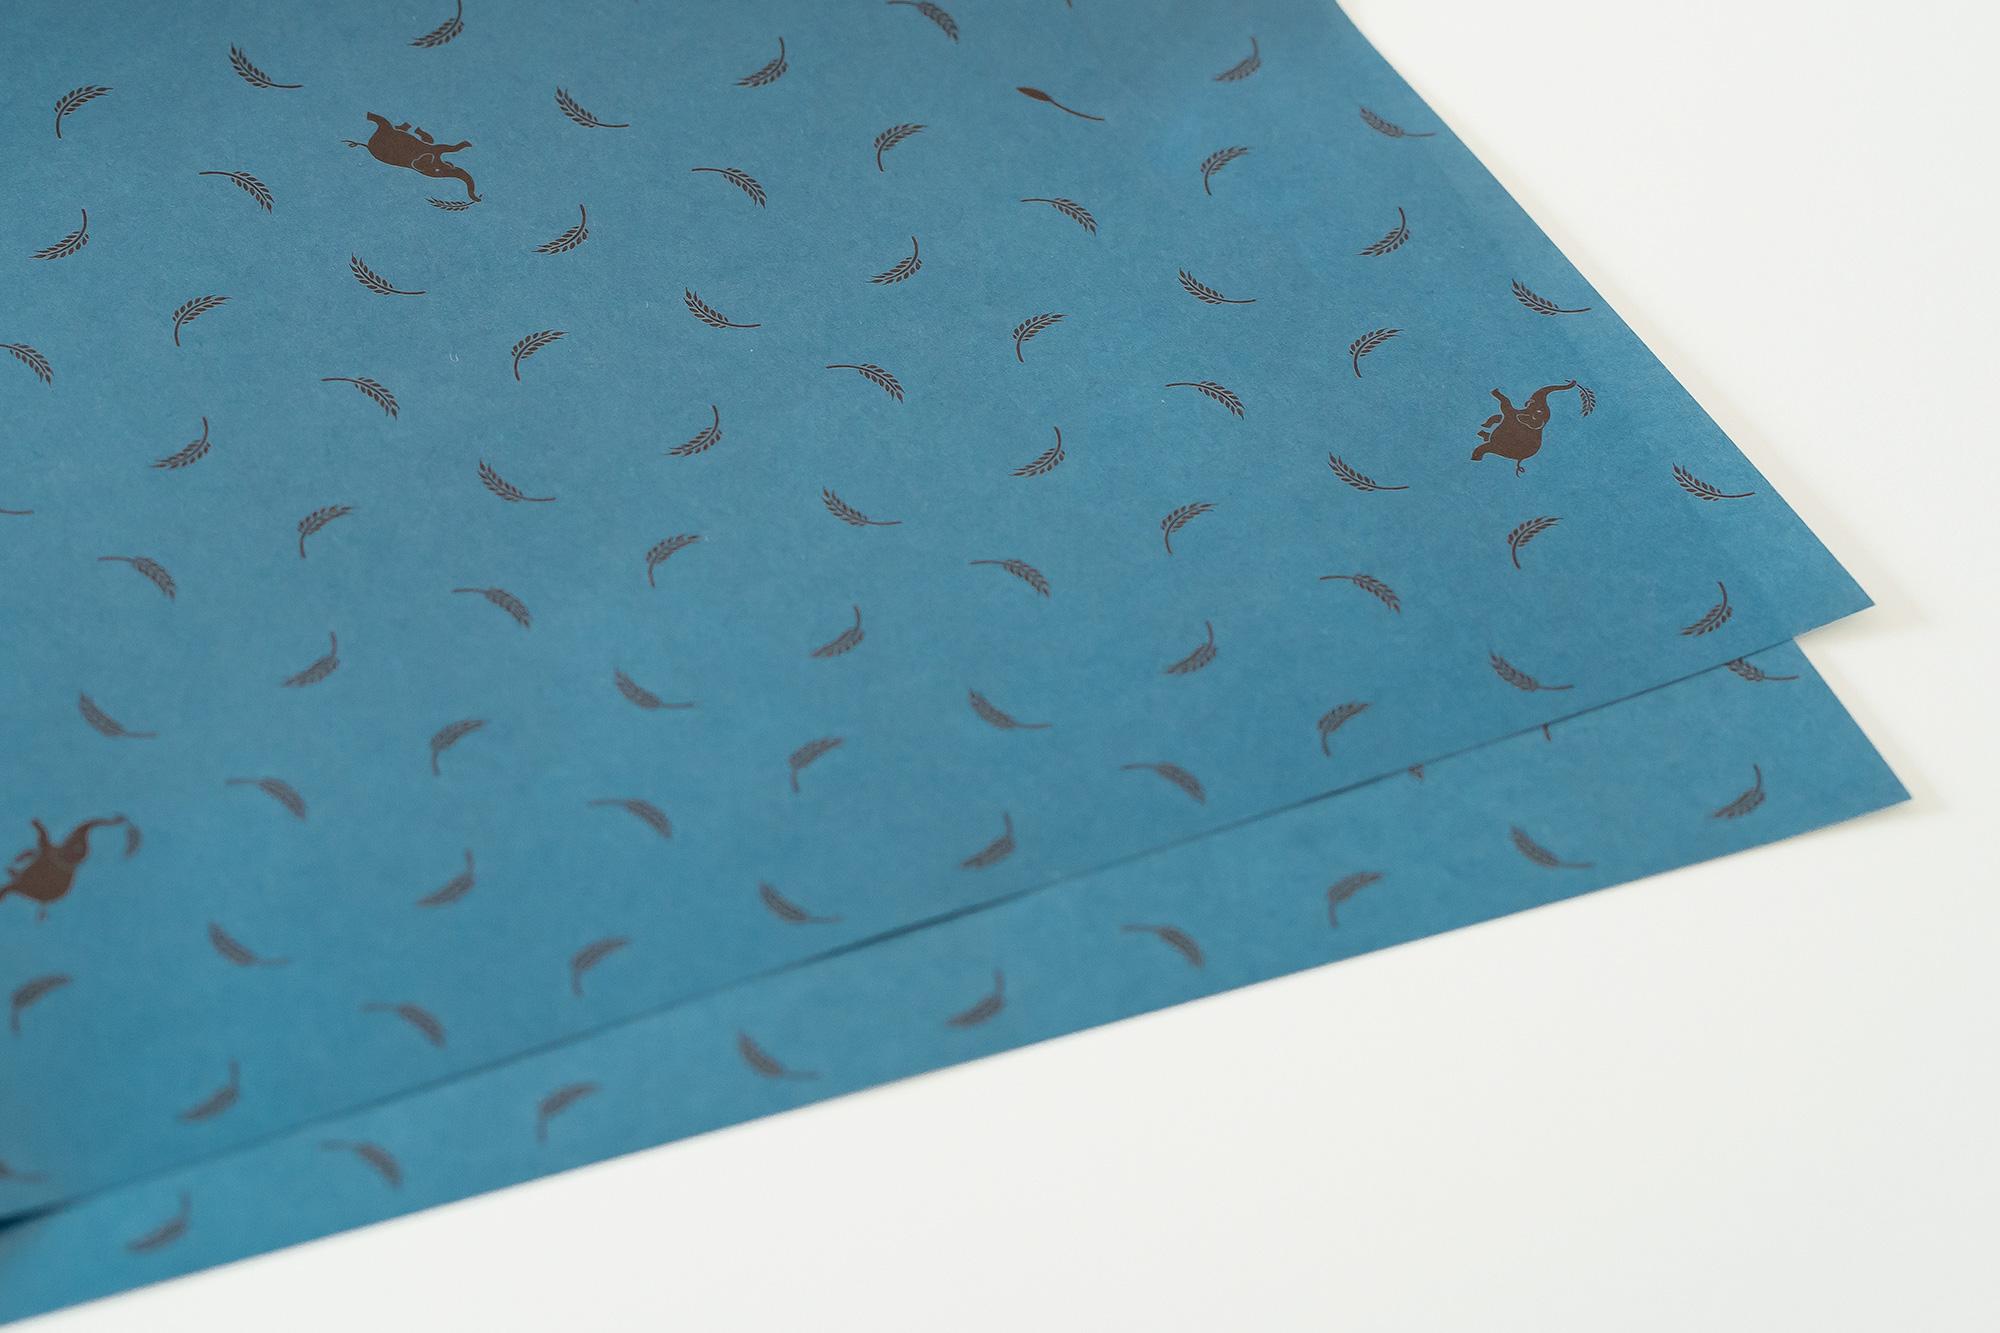 グラノーラ専門店の包装紙デザイン